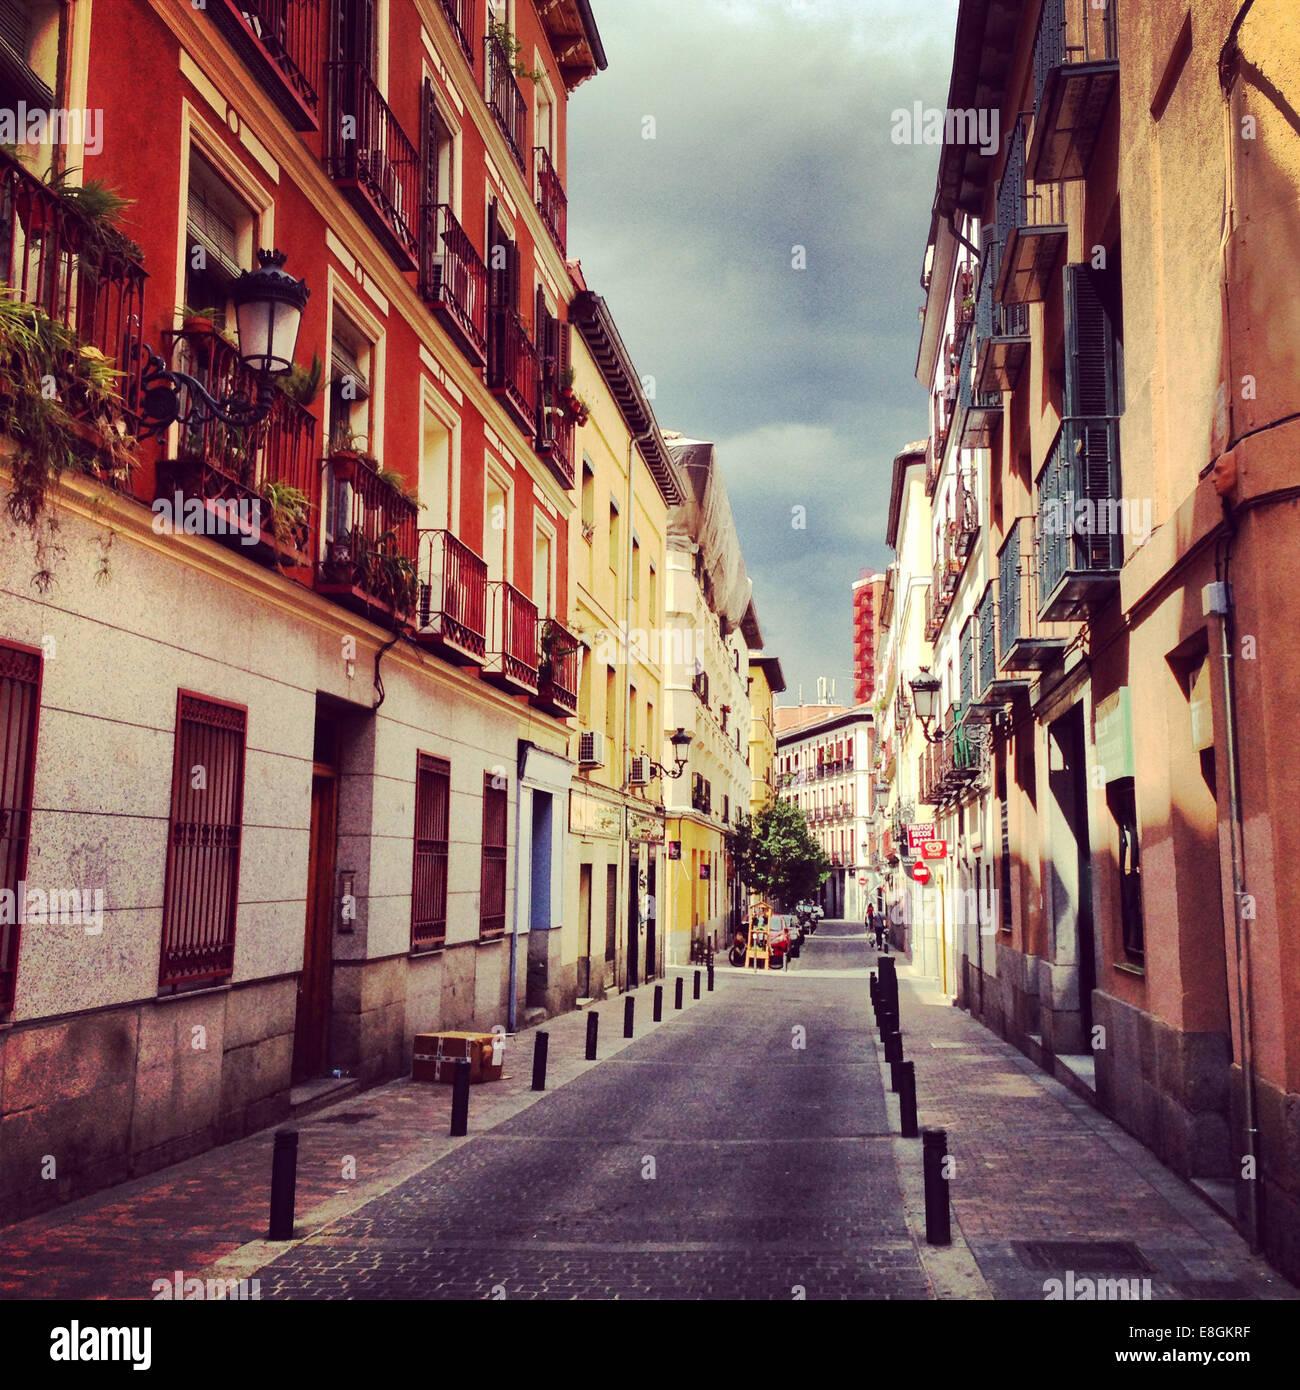 Spagna, Madrid, Barrio de las Letras, piccola strada Immagini Stock